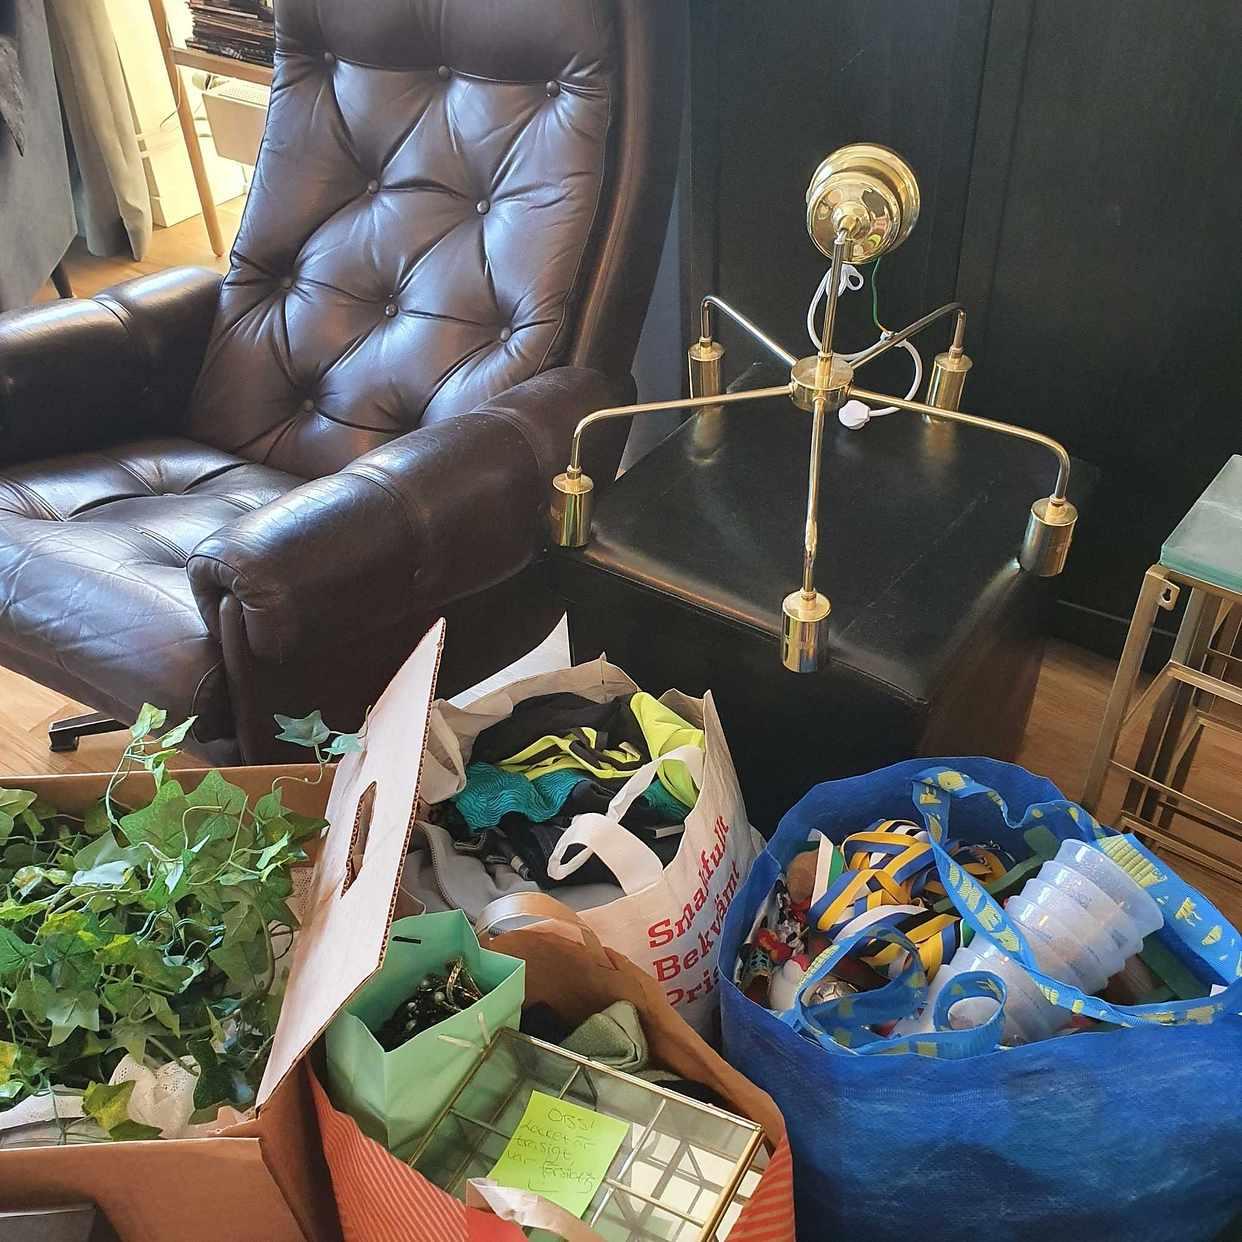 image of Kläder, inredning, möbler - Årsta